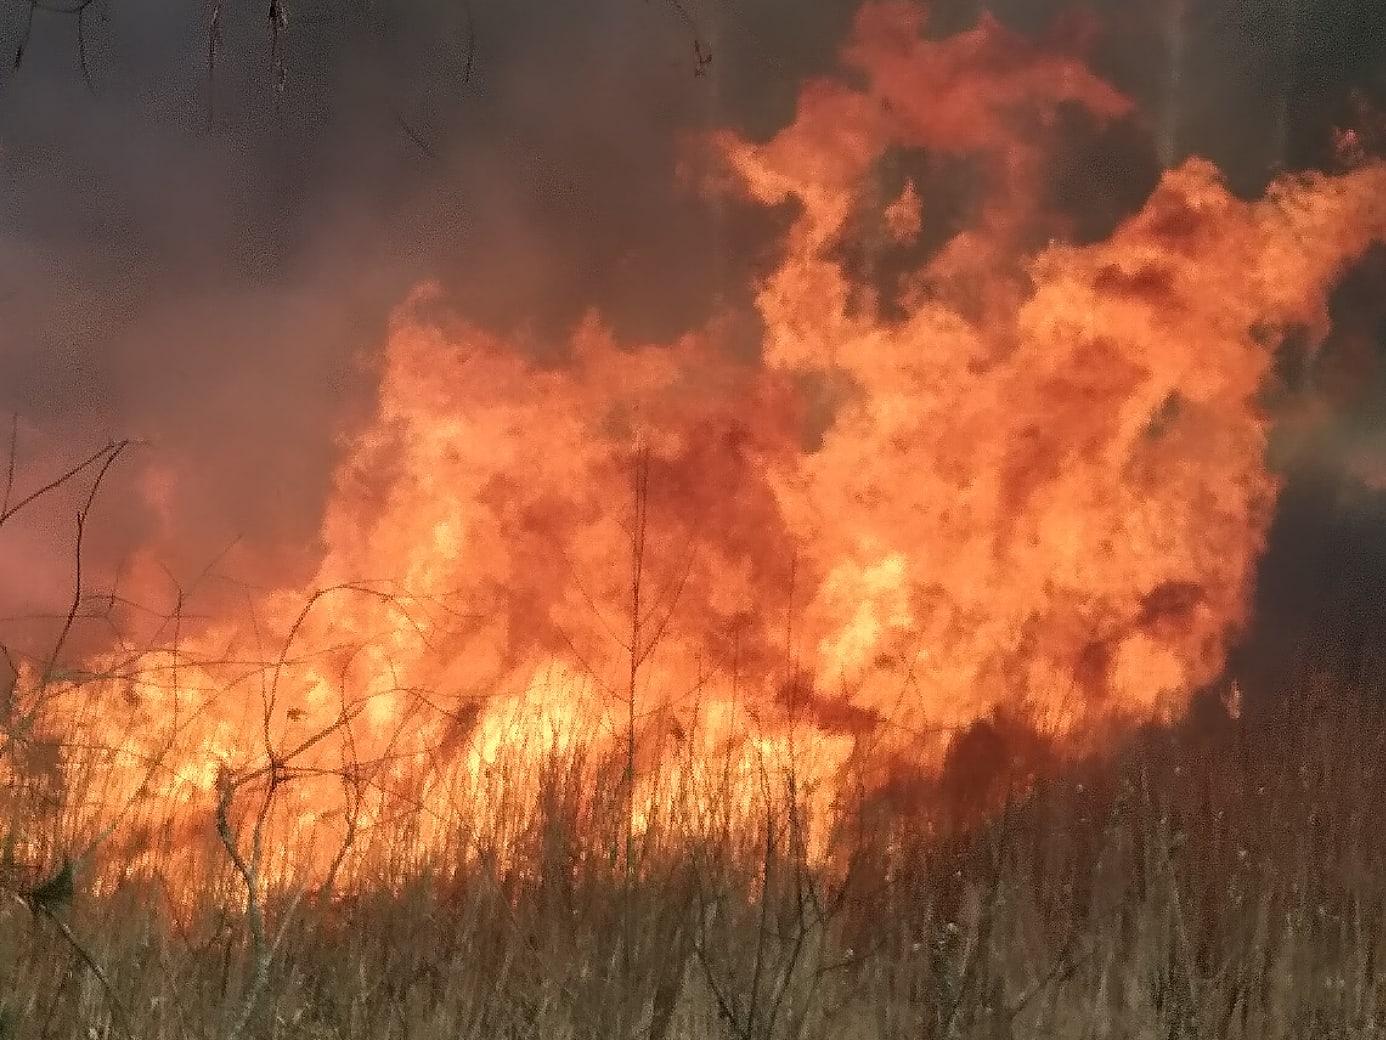 В Брянске из-за горящего камыша едва не вспыхнули дачи